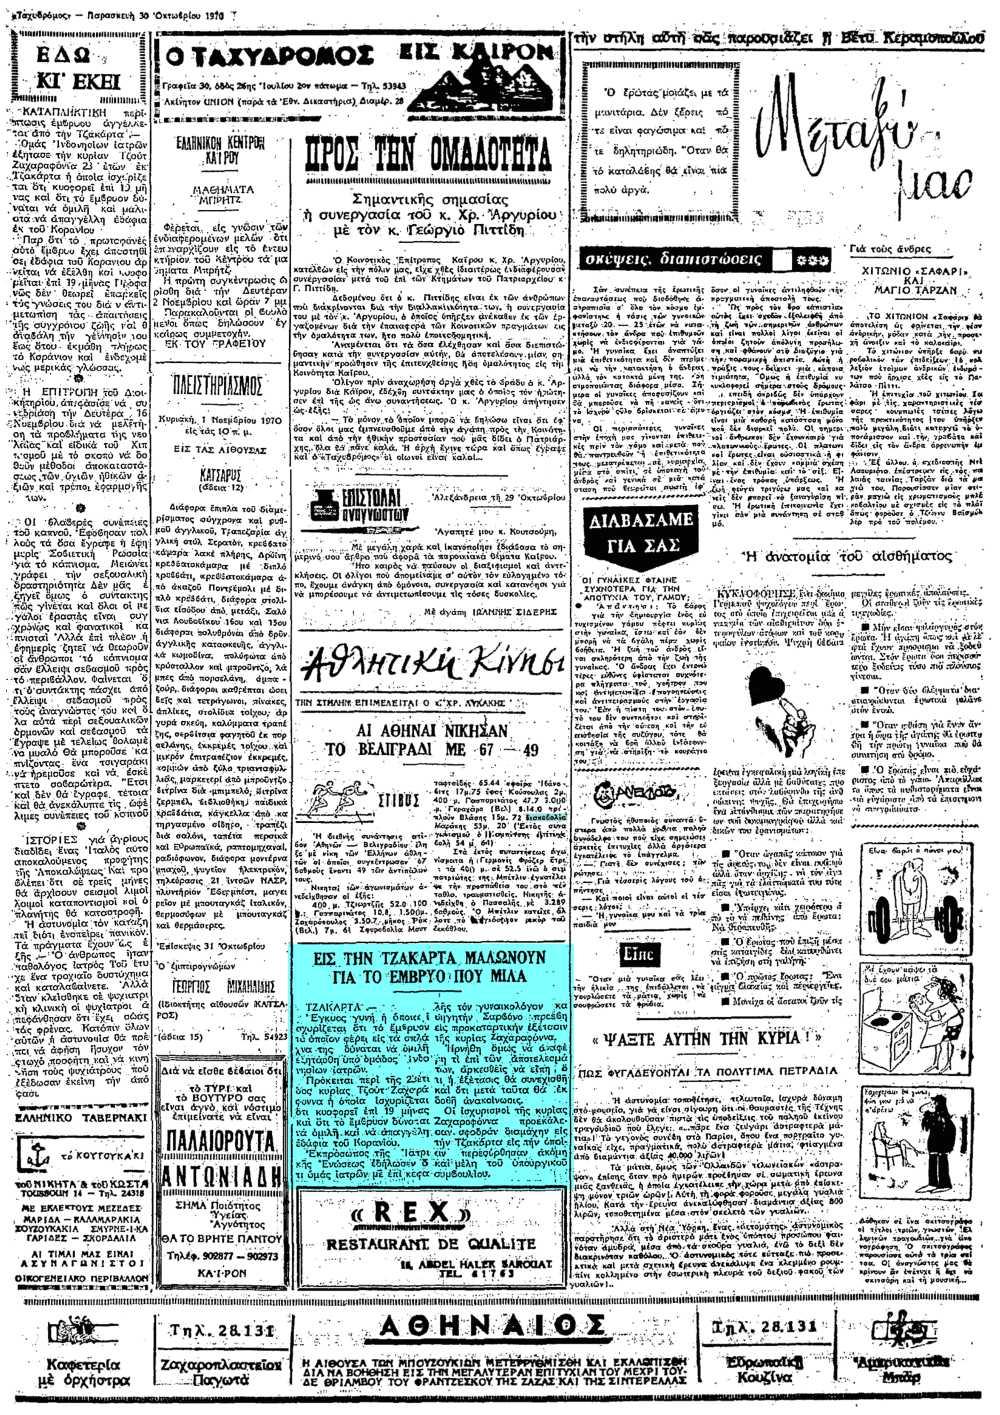 """Το άρθρο, όπως δημοσιεύθηκε στην εφημερίδα """"ΤΑΧΥΔΡΟΜΟΣ"""", στις 30/10/1970"""